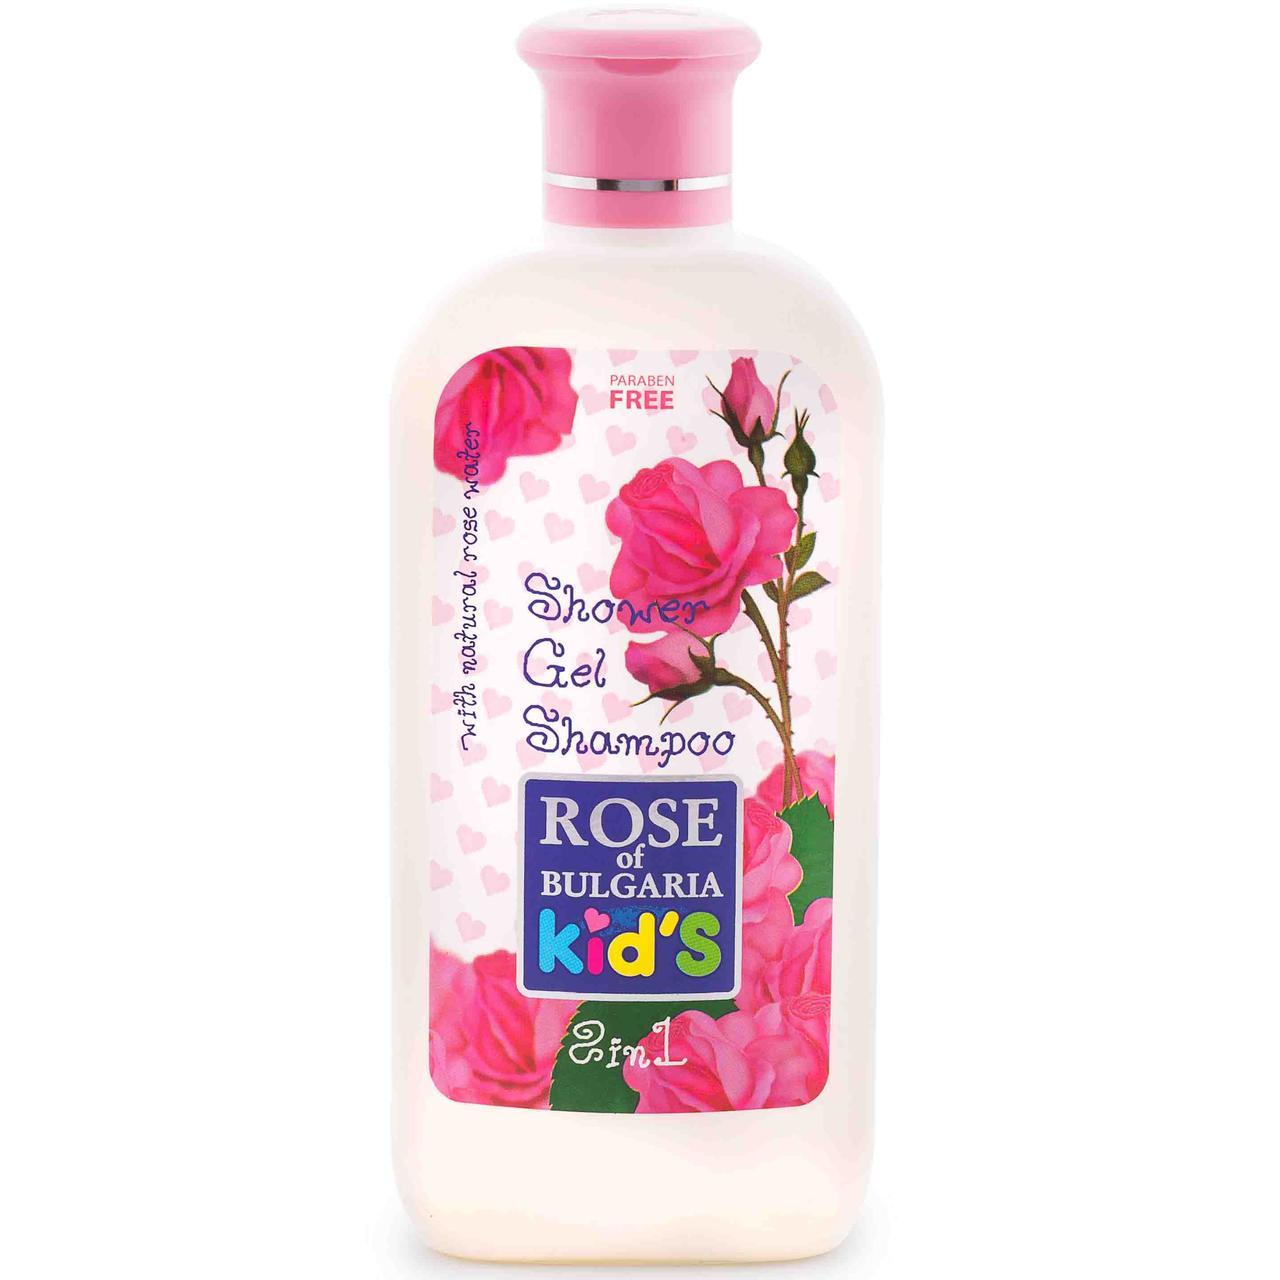 Шампунь-гель 2 в 1 для детей Rose of Bulgaria без парабенов, 200 мл